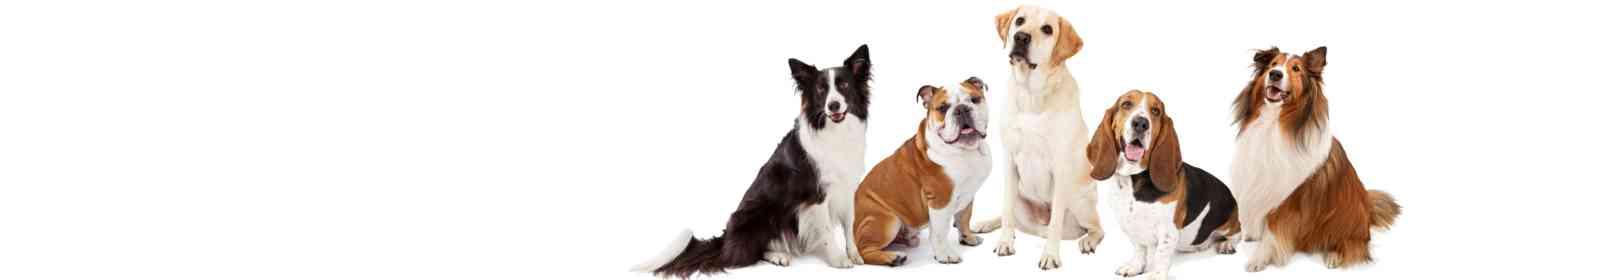 Pet Grooming Nov 18 16